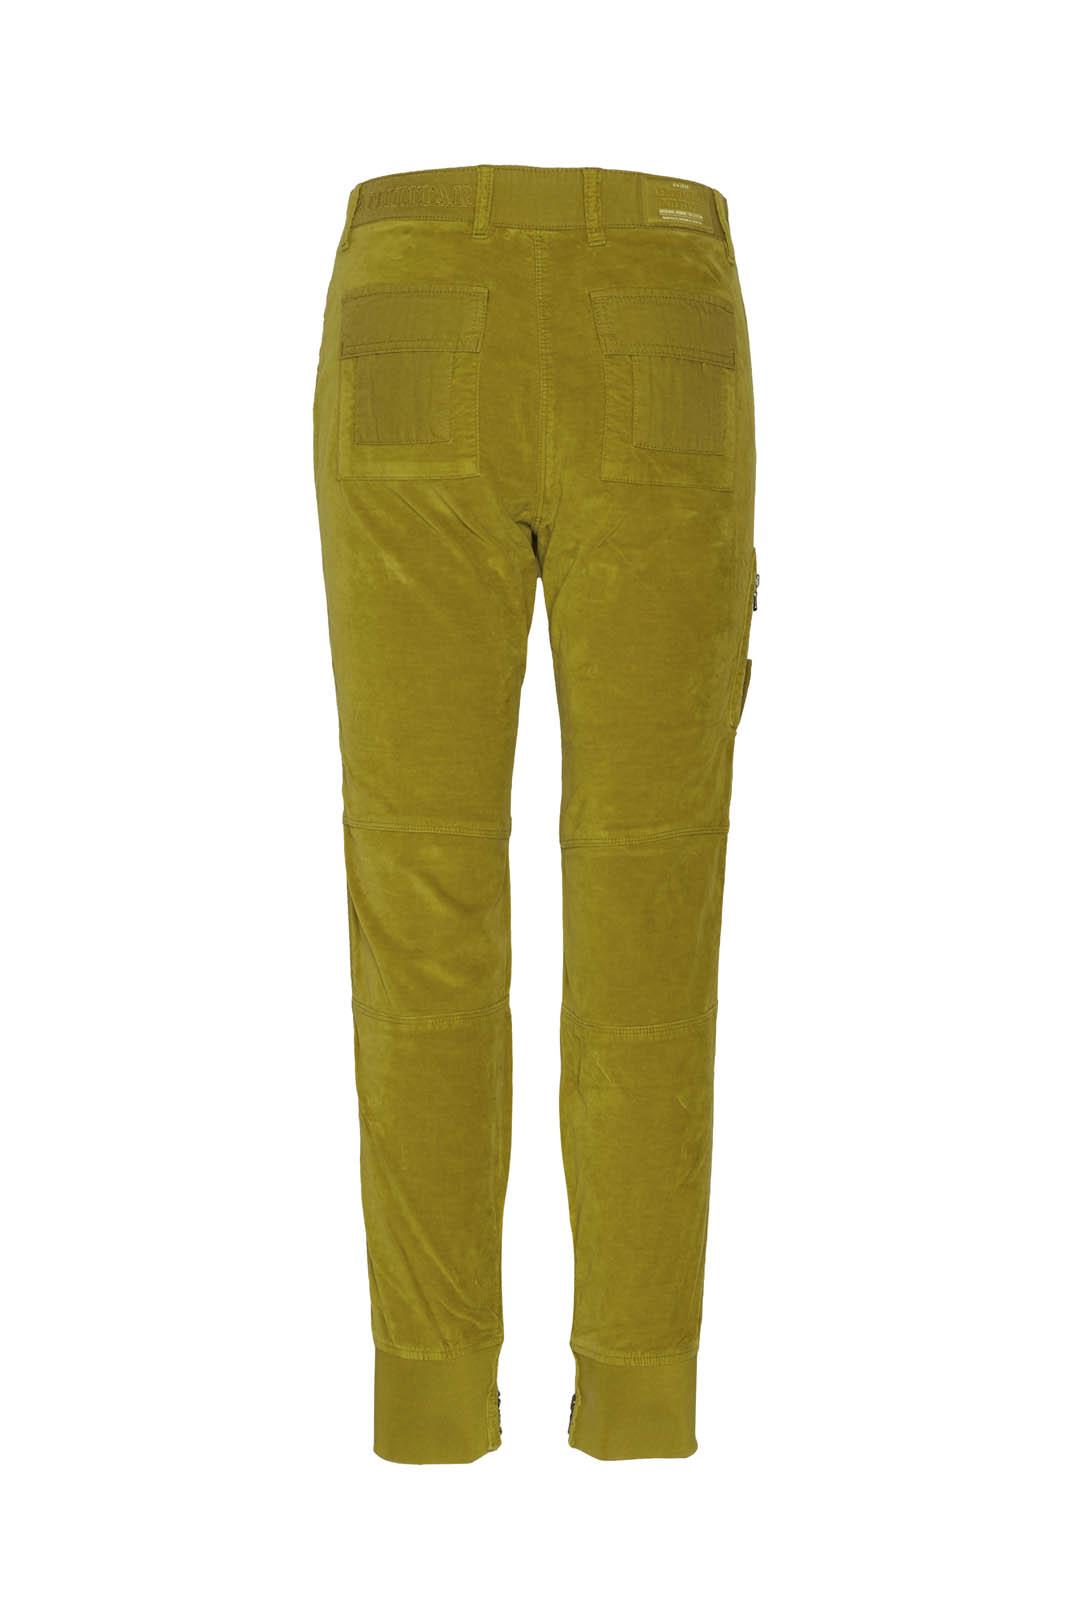 Pantalón Anti-g de terciopelo y ripstop  2